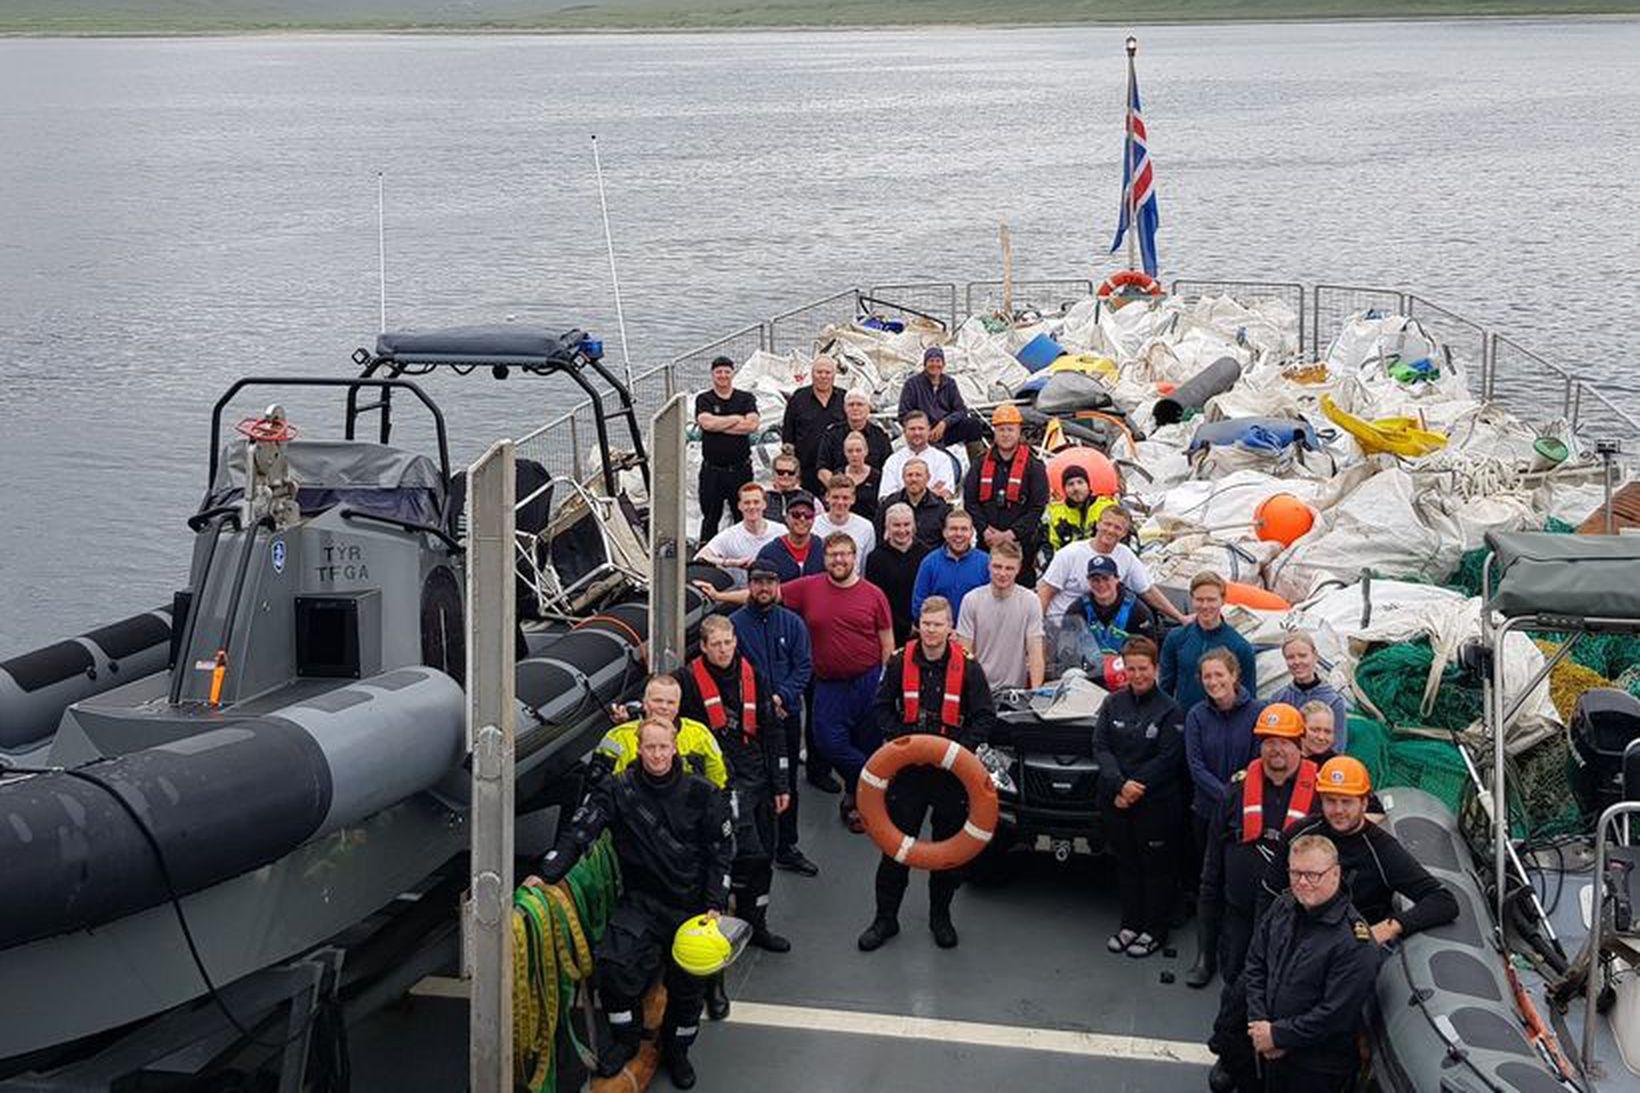 Vaskur hópur 17 sjálfboðaliða, áhöfn varðskips Landhelgisgæslunnar og 6,3 tonn …